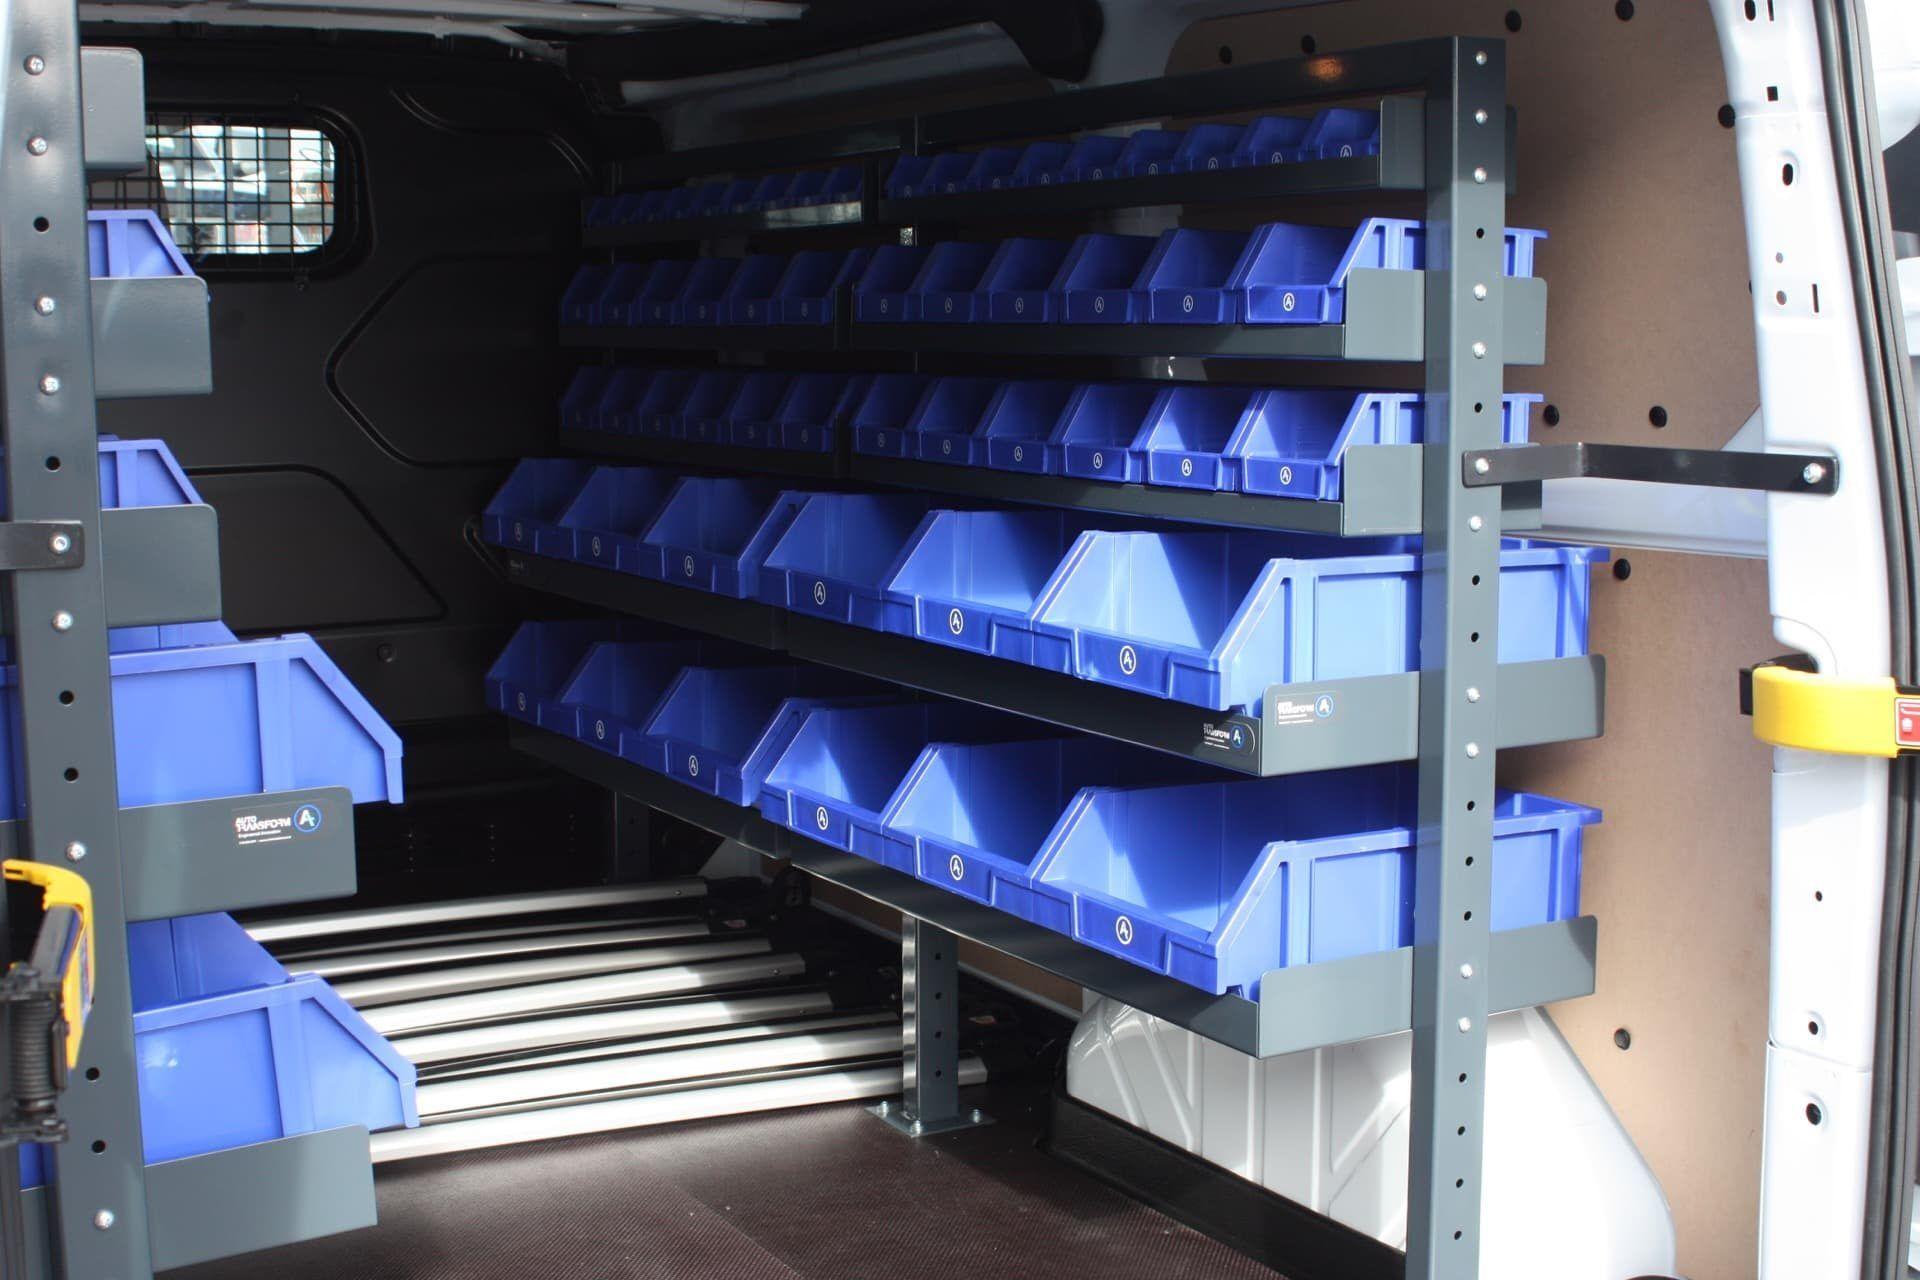 Tool drawers installed in van